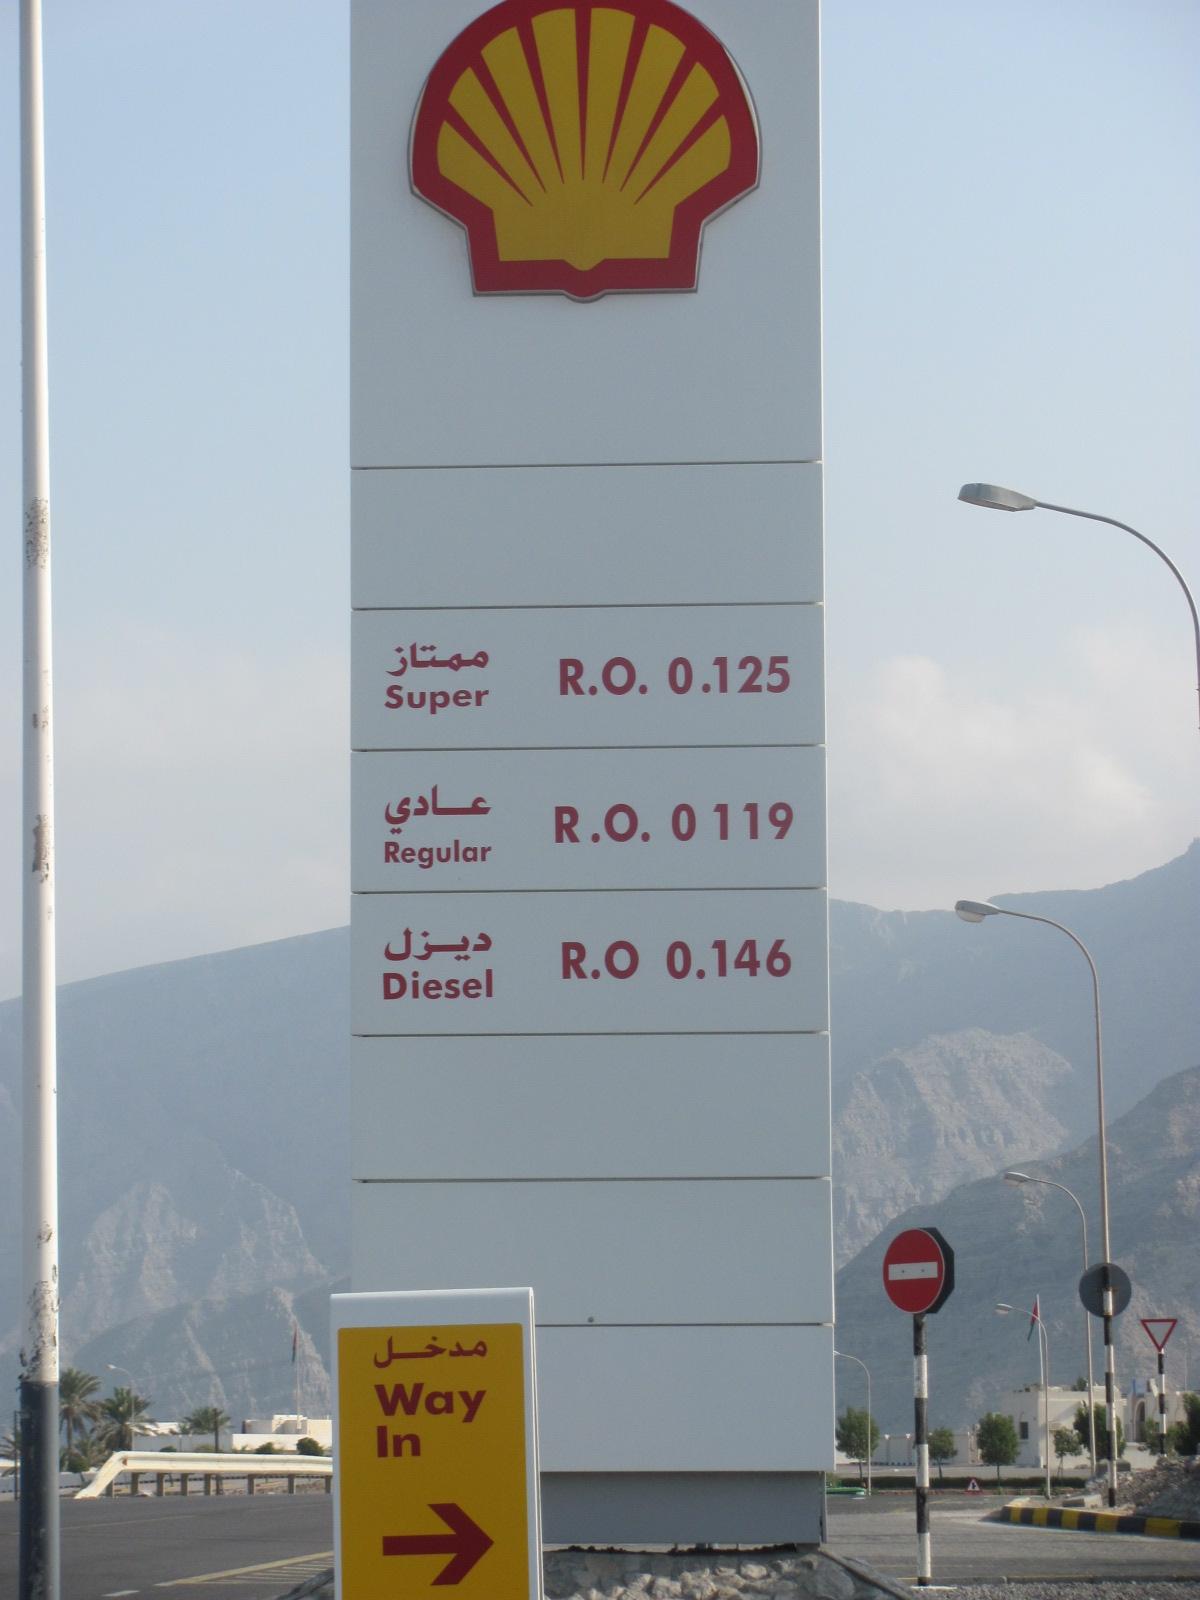 Benzinpreis in dubai